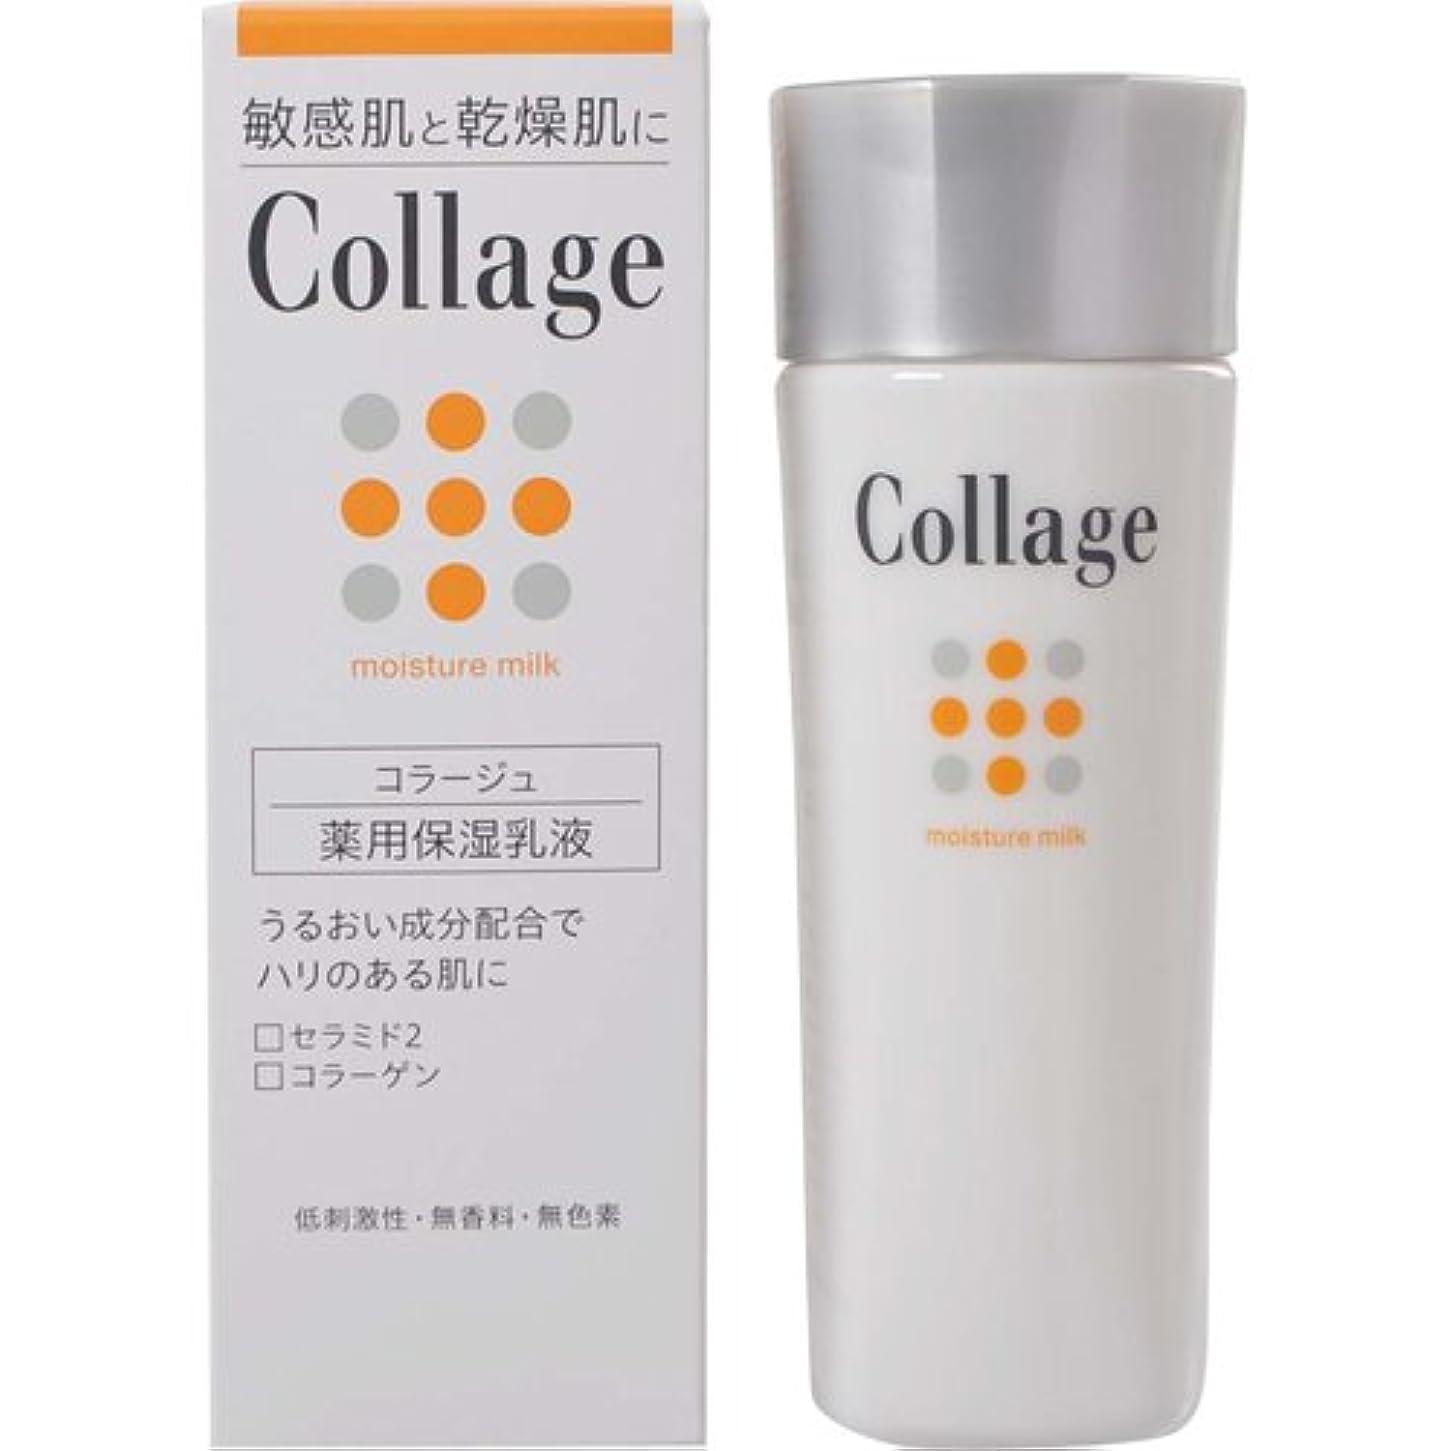 対処する手術素敵なコラージュ 薬用保湿乳液 80mL 【医薬部外品】